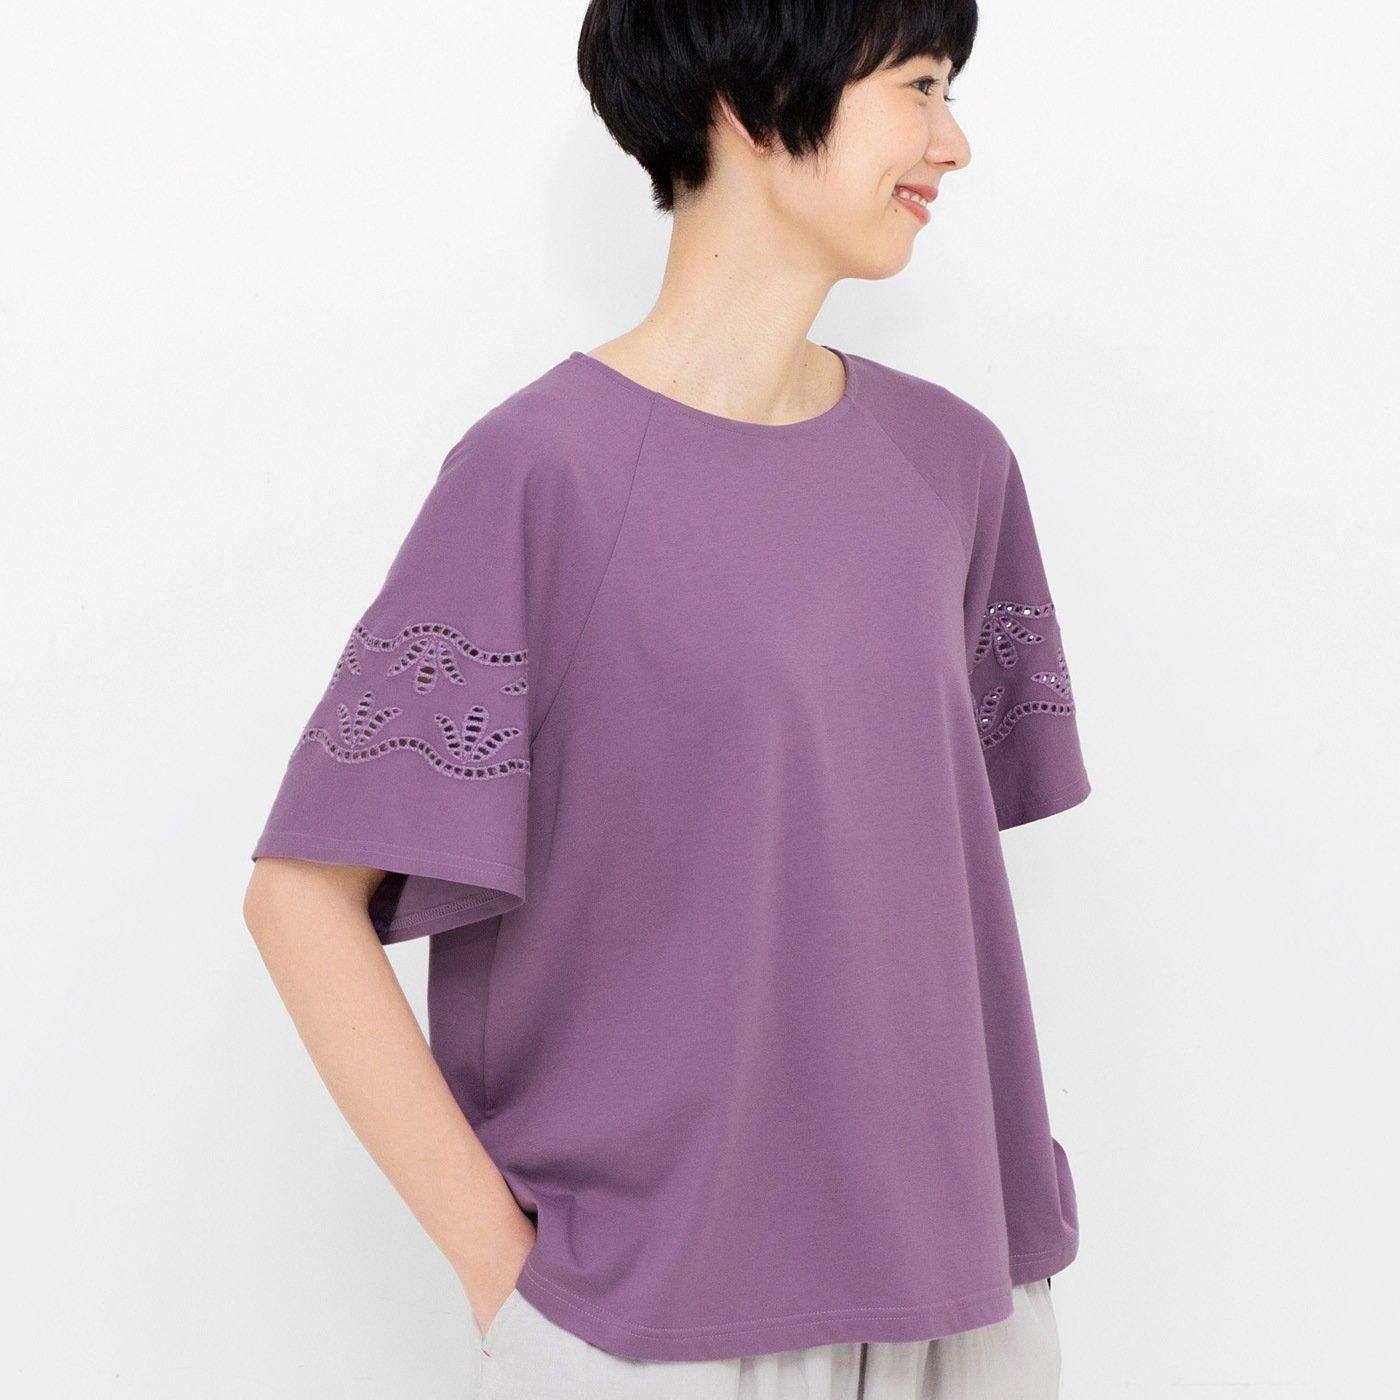 フラウグラット ひらりんカットワークレースのきれい見えTシャツ〈吸水速乾〉の会